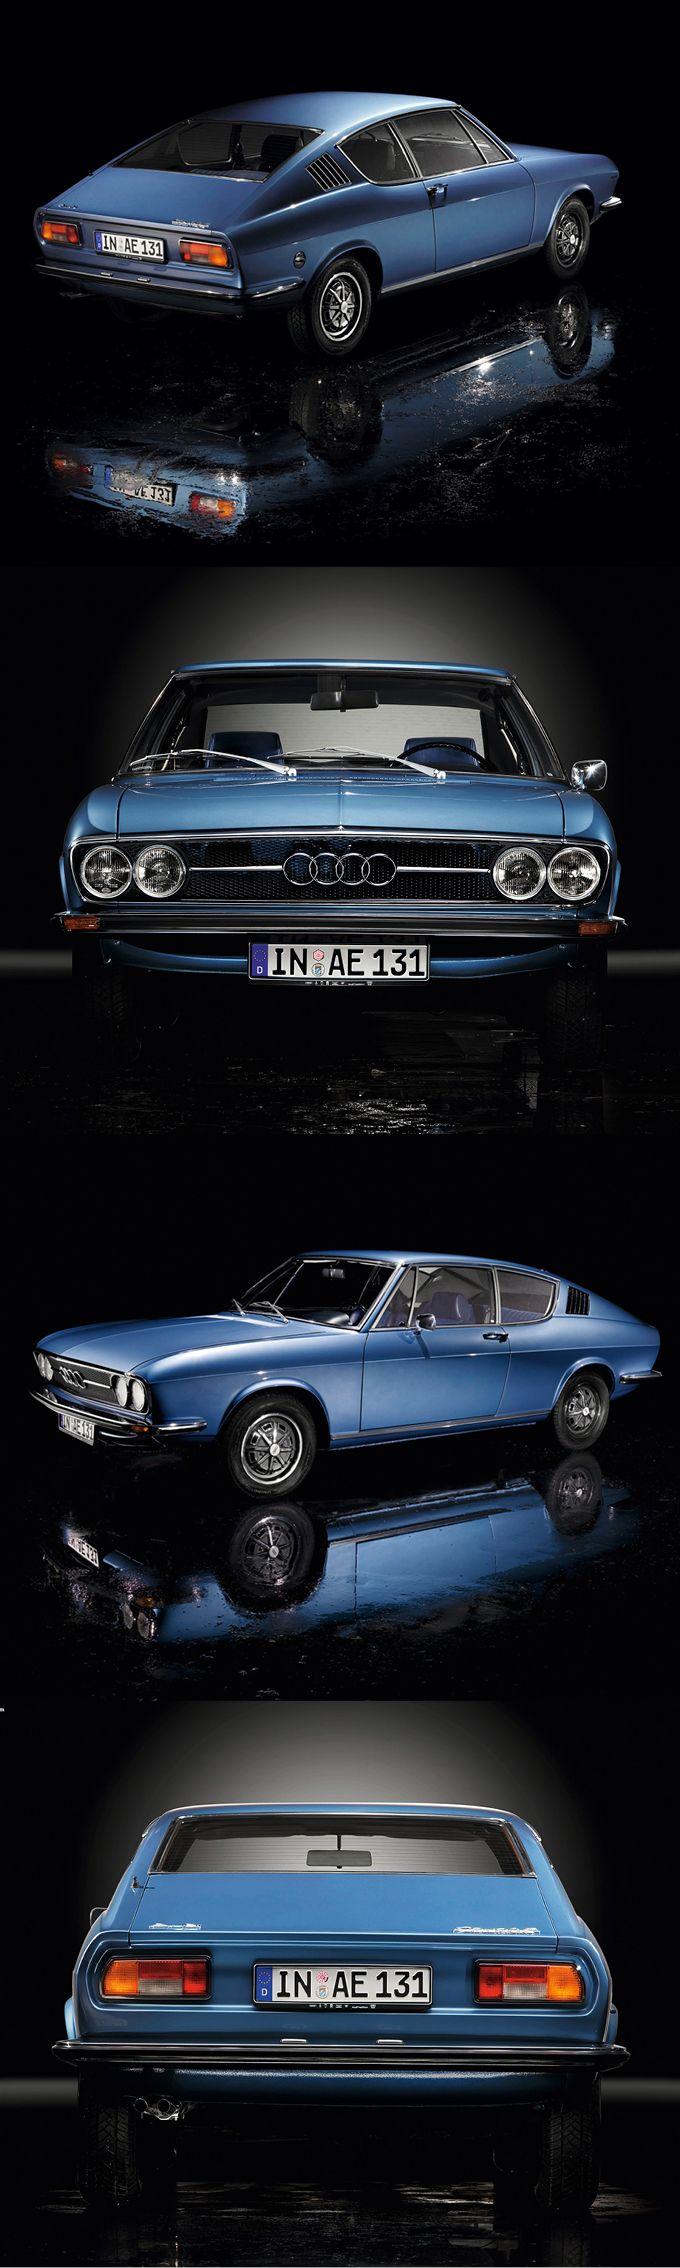 1970 Audi 100 Coupé S / blue / Germany / photography: Pedro Mota